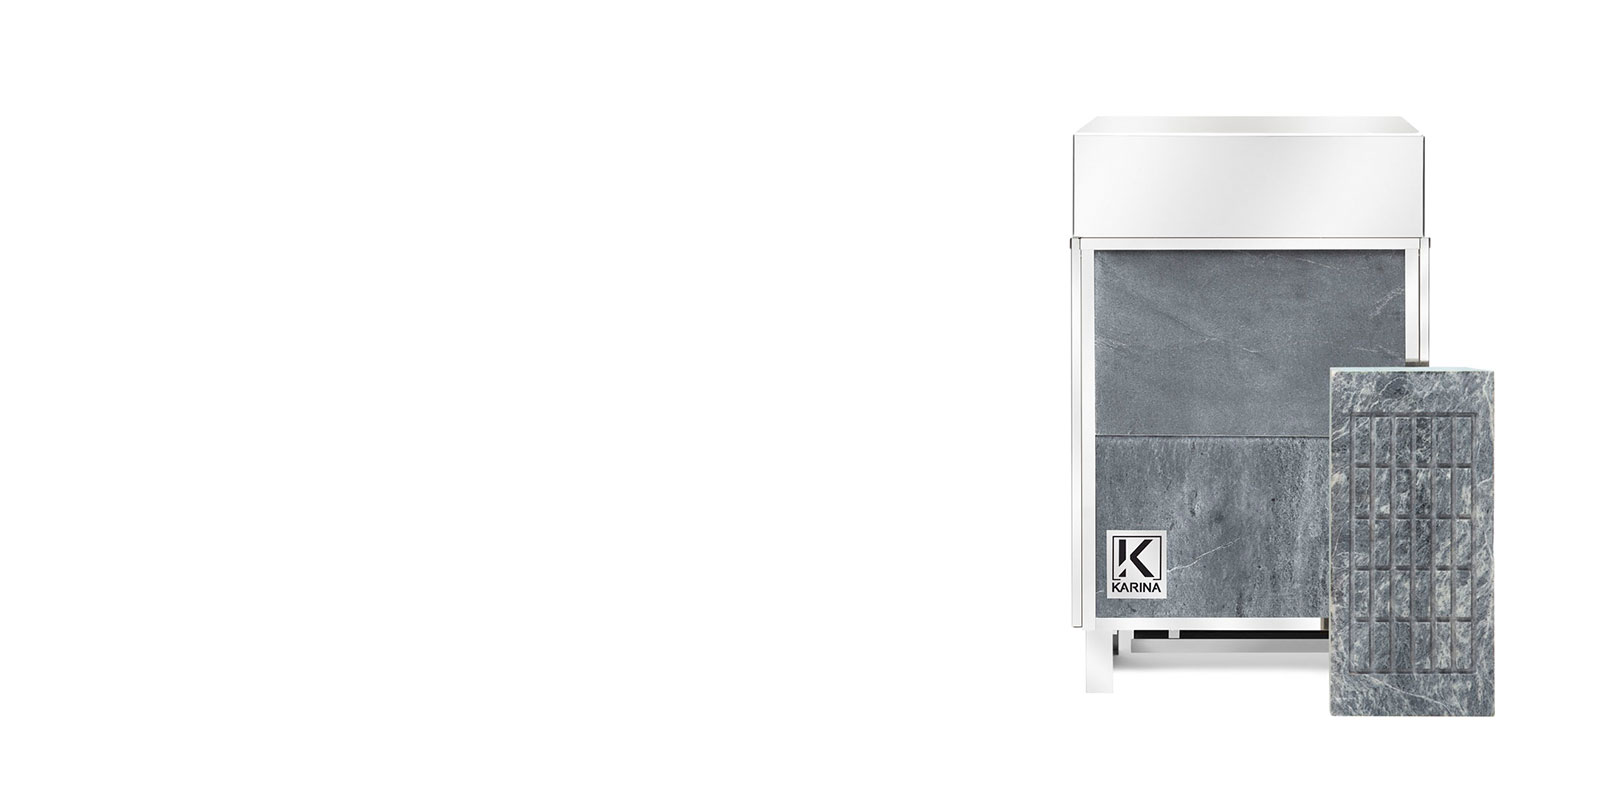 Электропечь KARINA Премиум в облицовке талькохлорит (Горизонтальный) 14 кВт